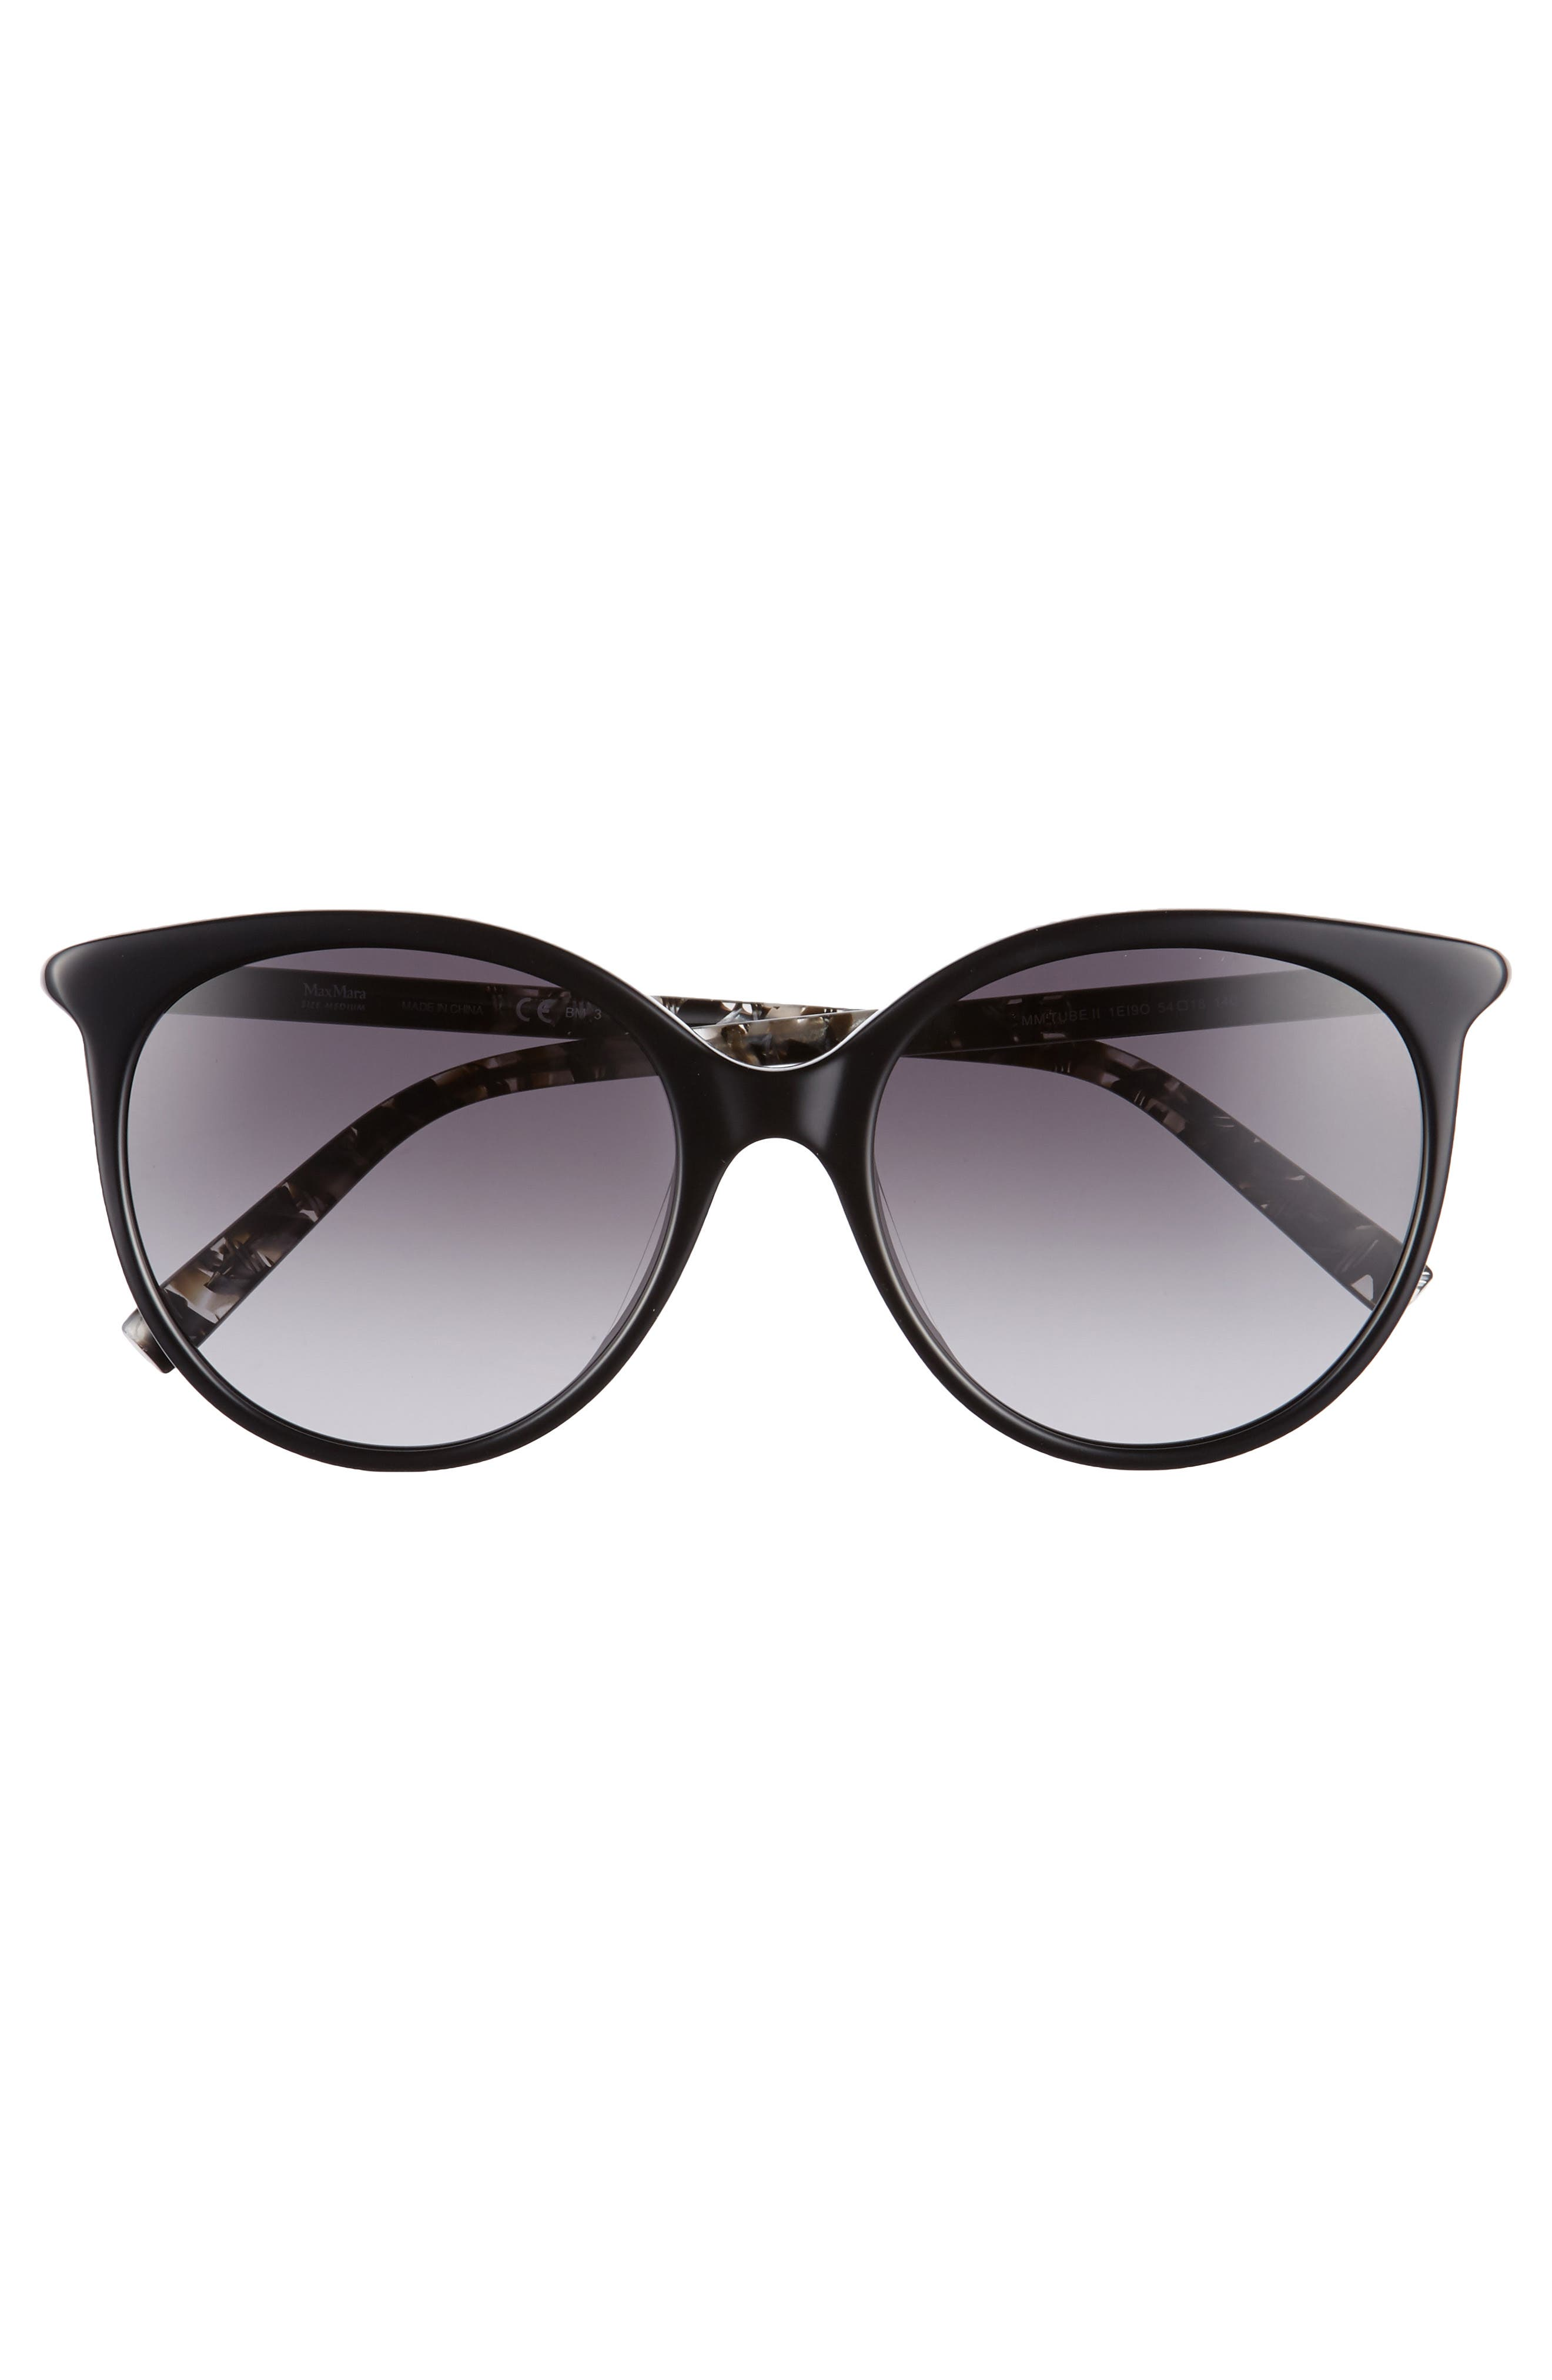 Tube 54mm Gradient Lens Cat Eye Sunglasses,                             Alternate thumbnail 3, color,                             BLACK/ GREY